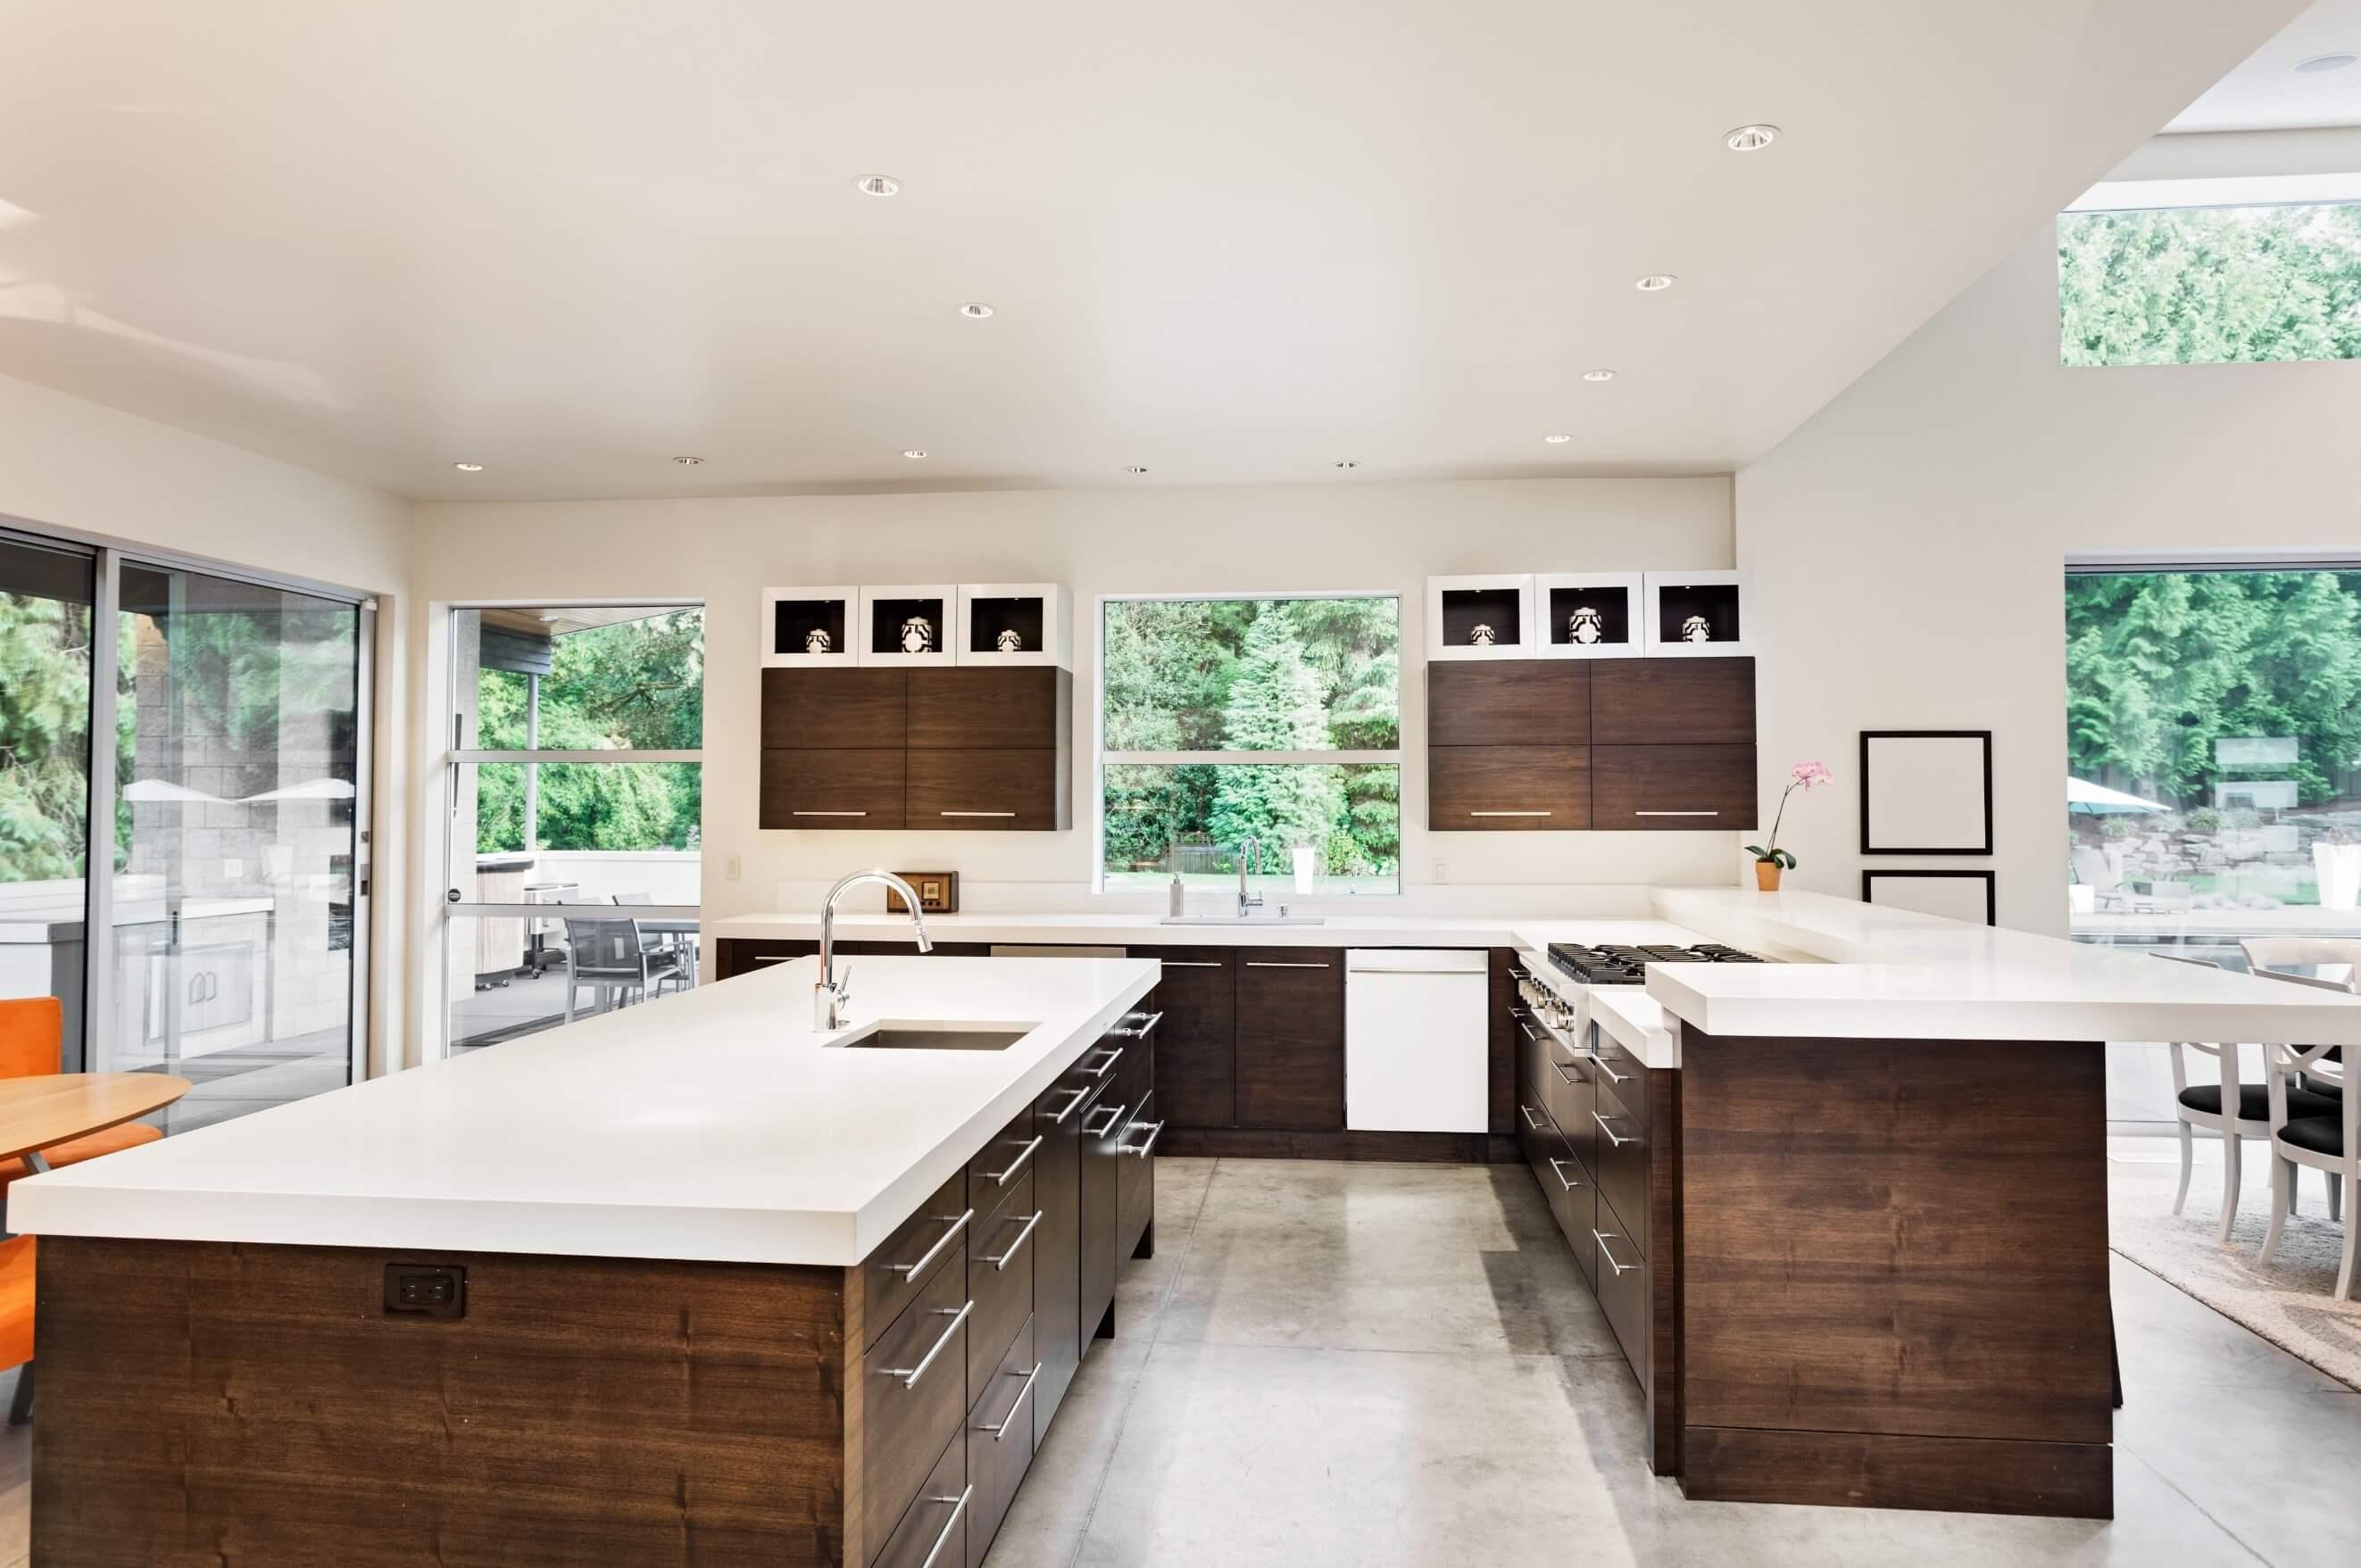 spacious kitchen extension